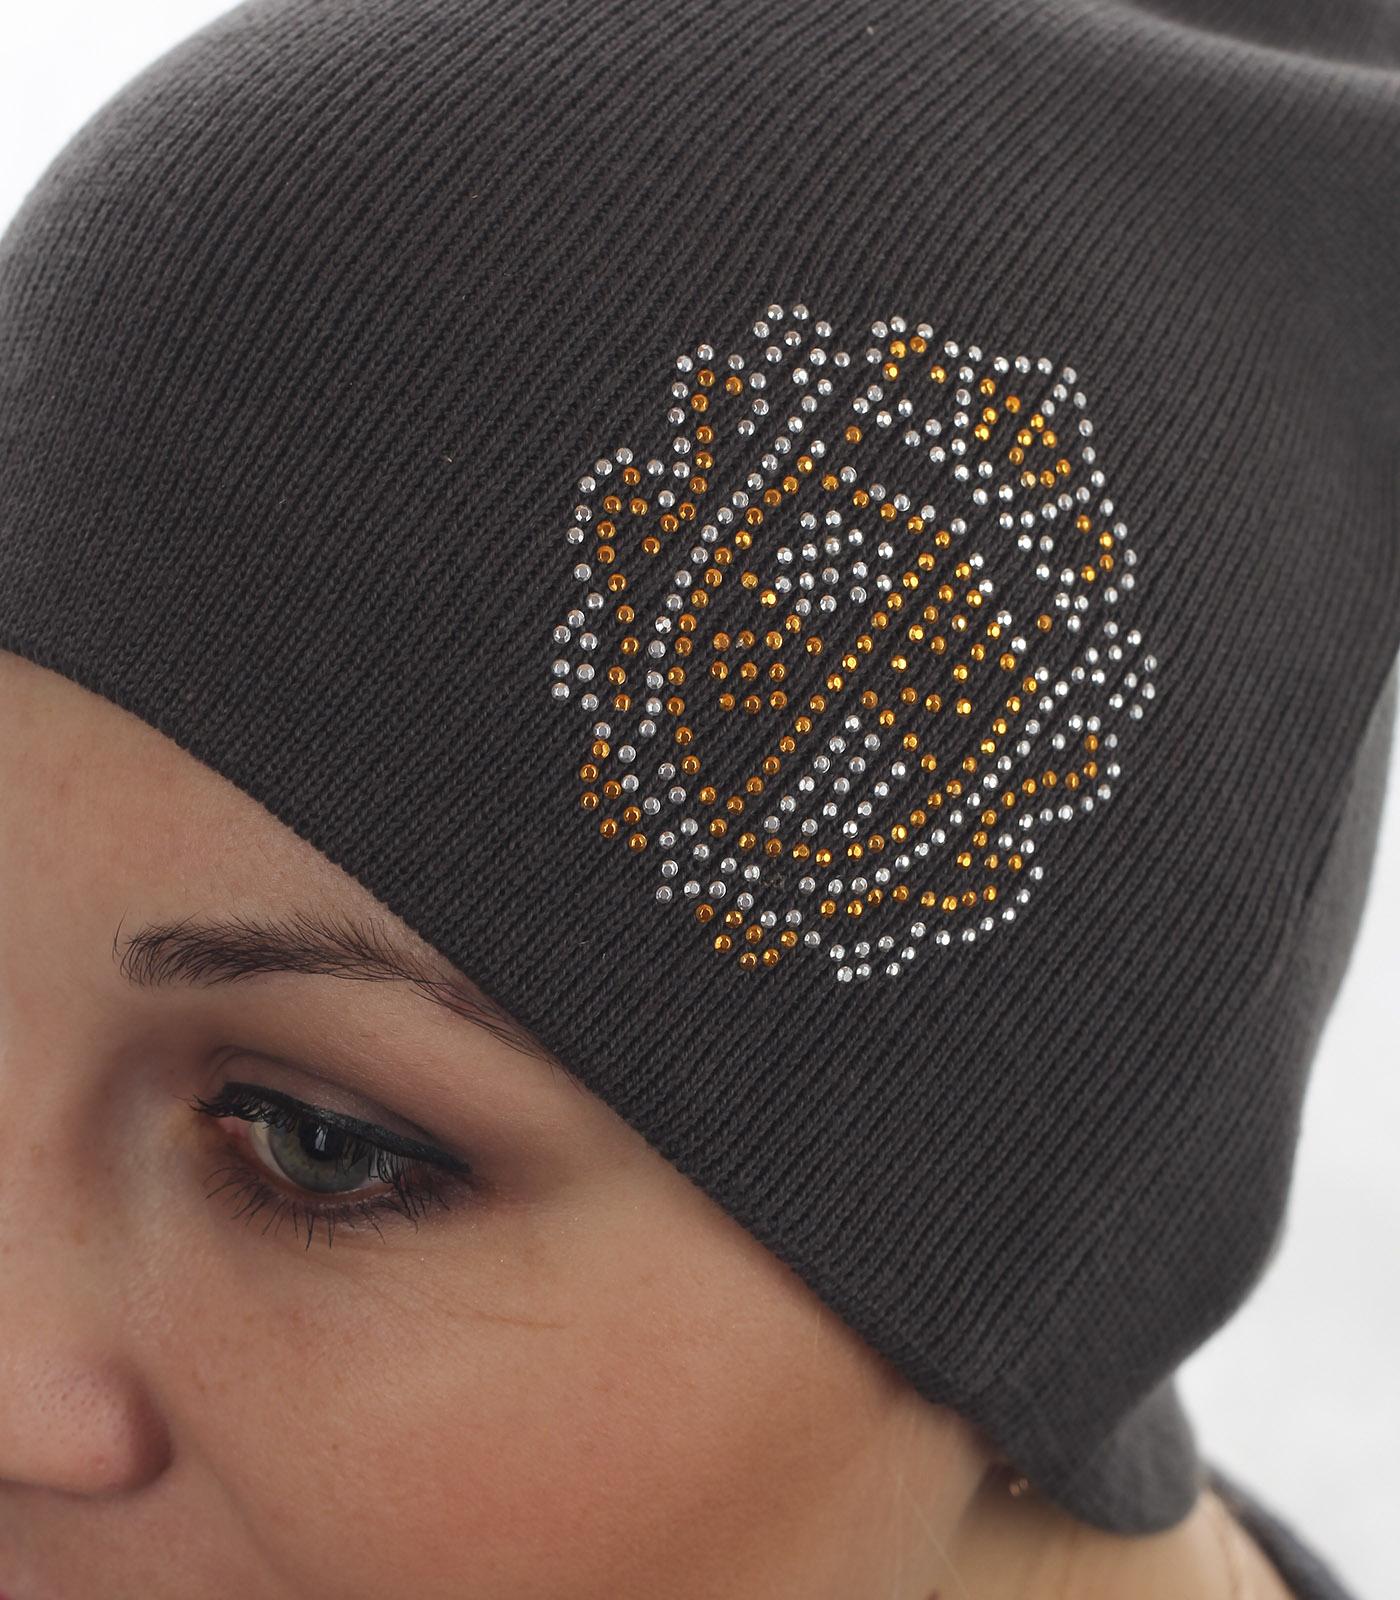 Популярная женская шапка с аккуратным декором. Модель что надо для настоящих модниц!